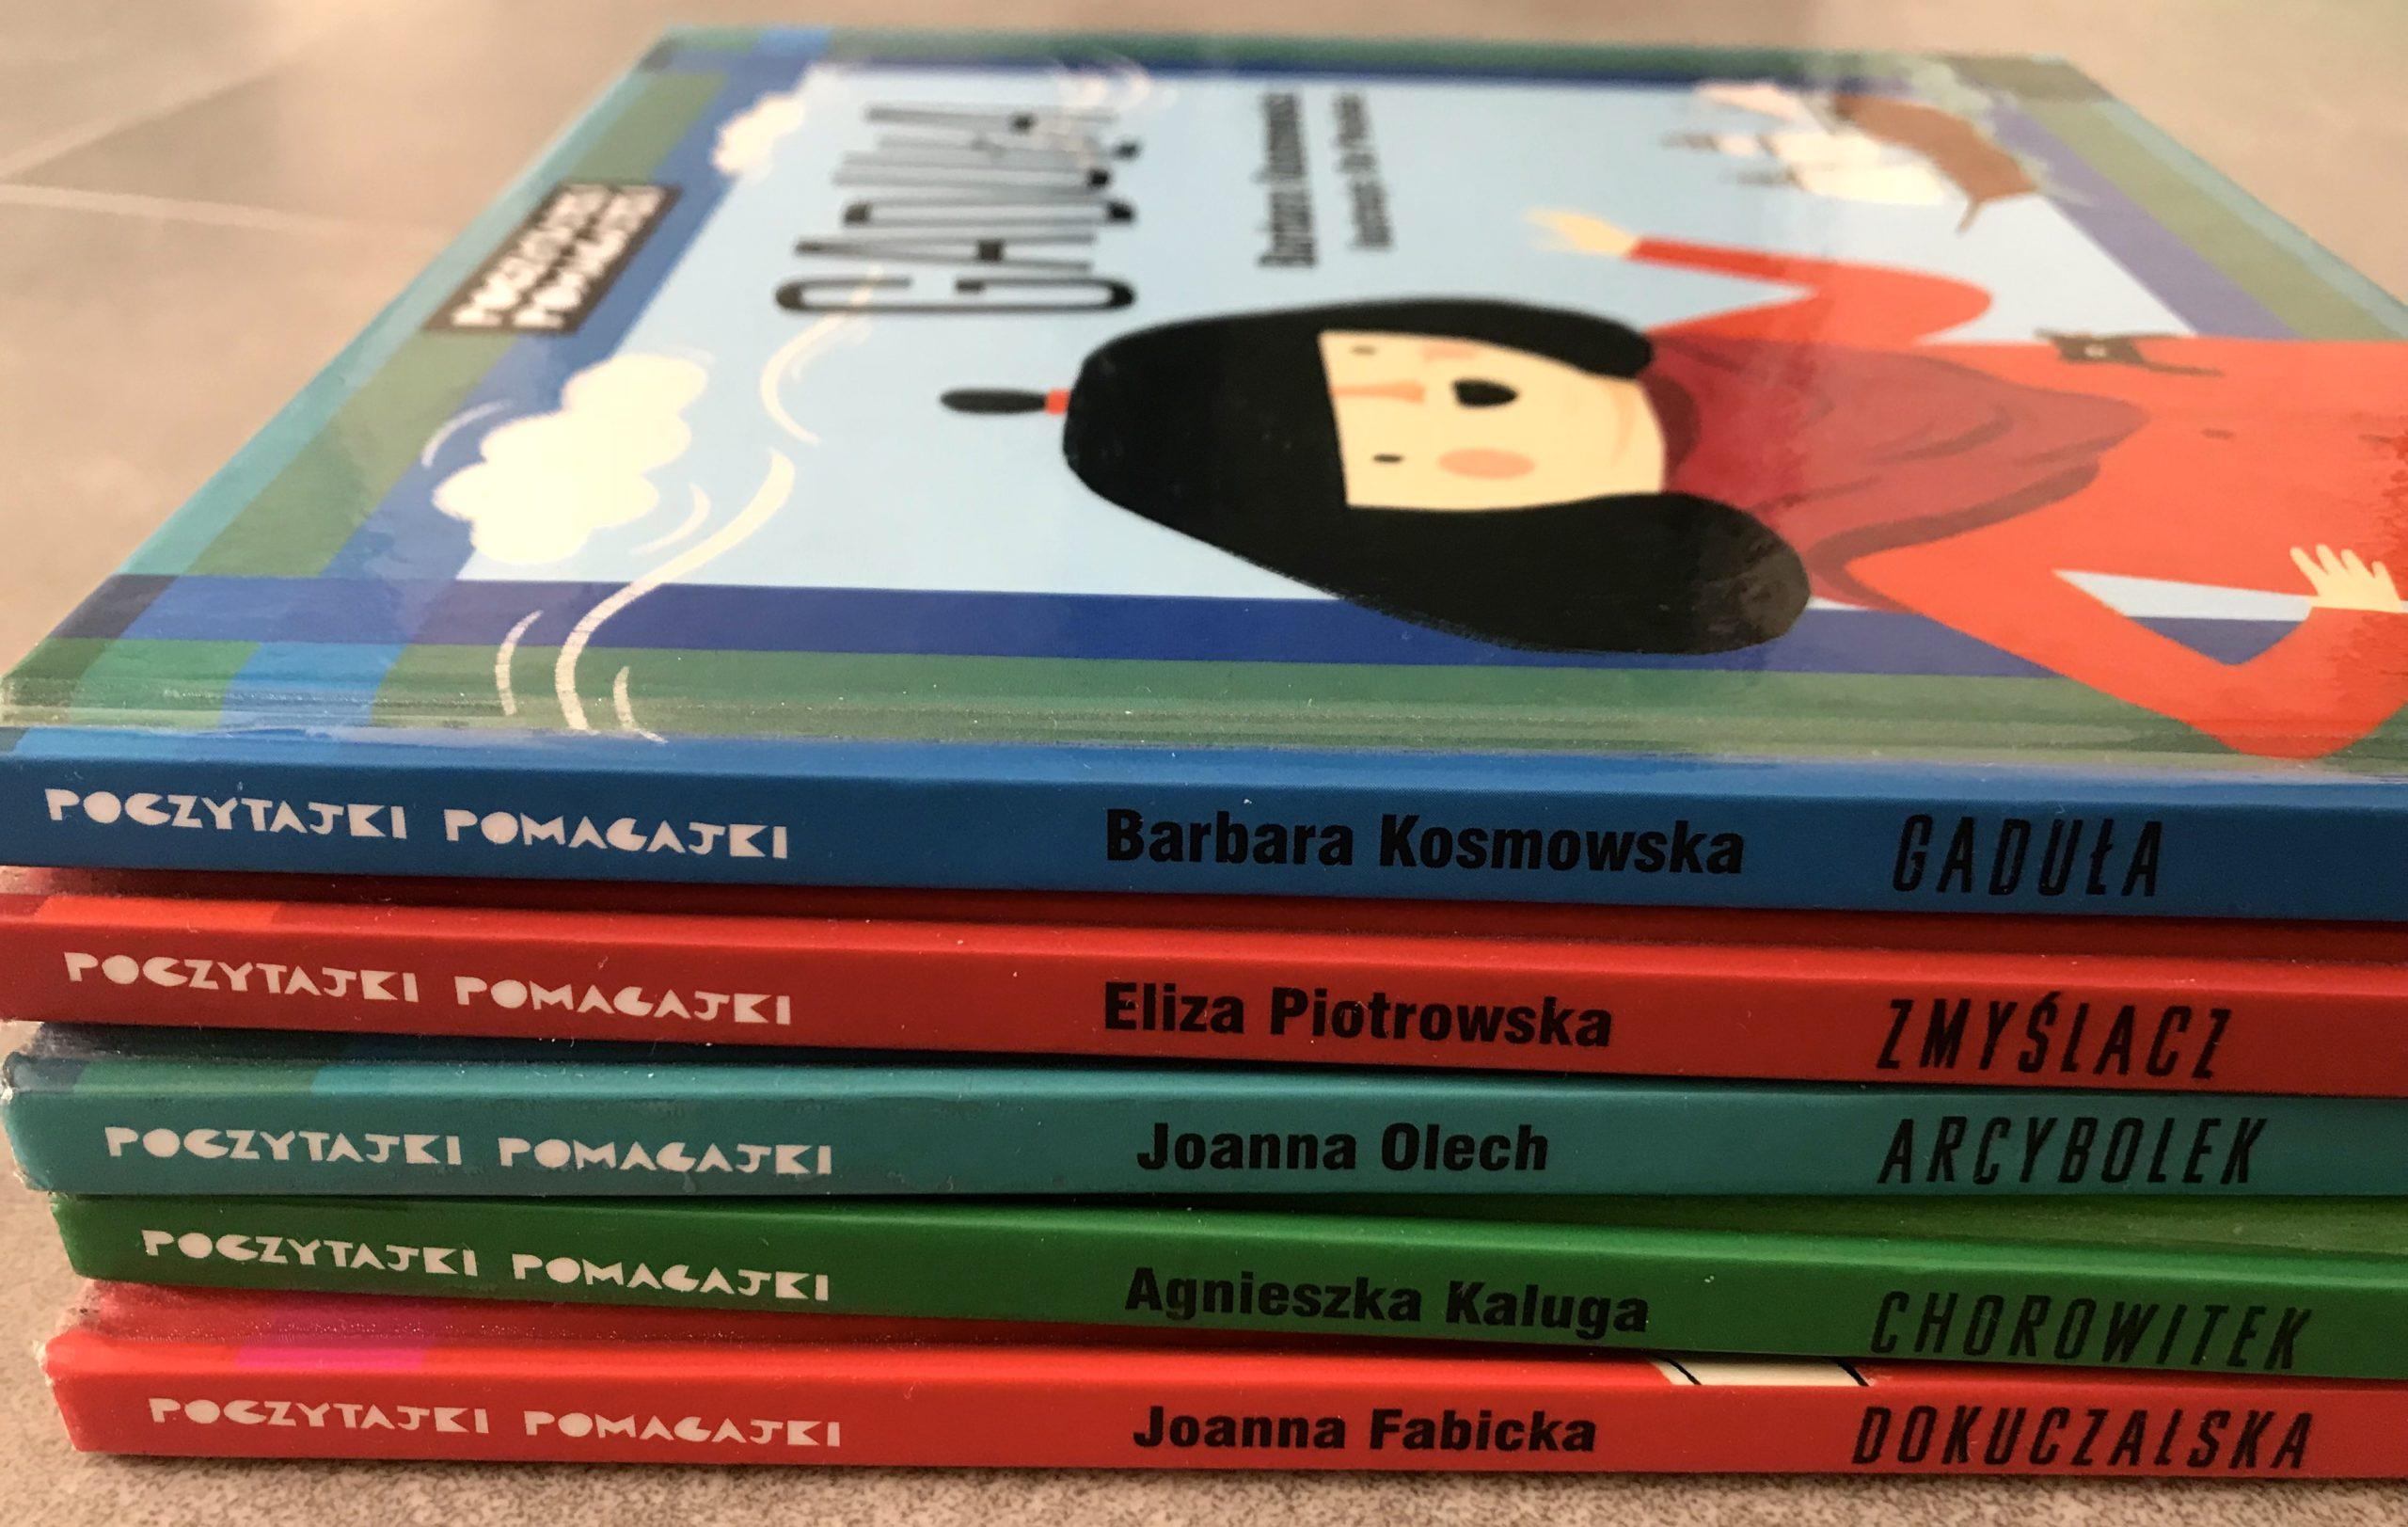 Poczytajki – Pomagajki – książeczki na dziecięce problemy.